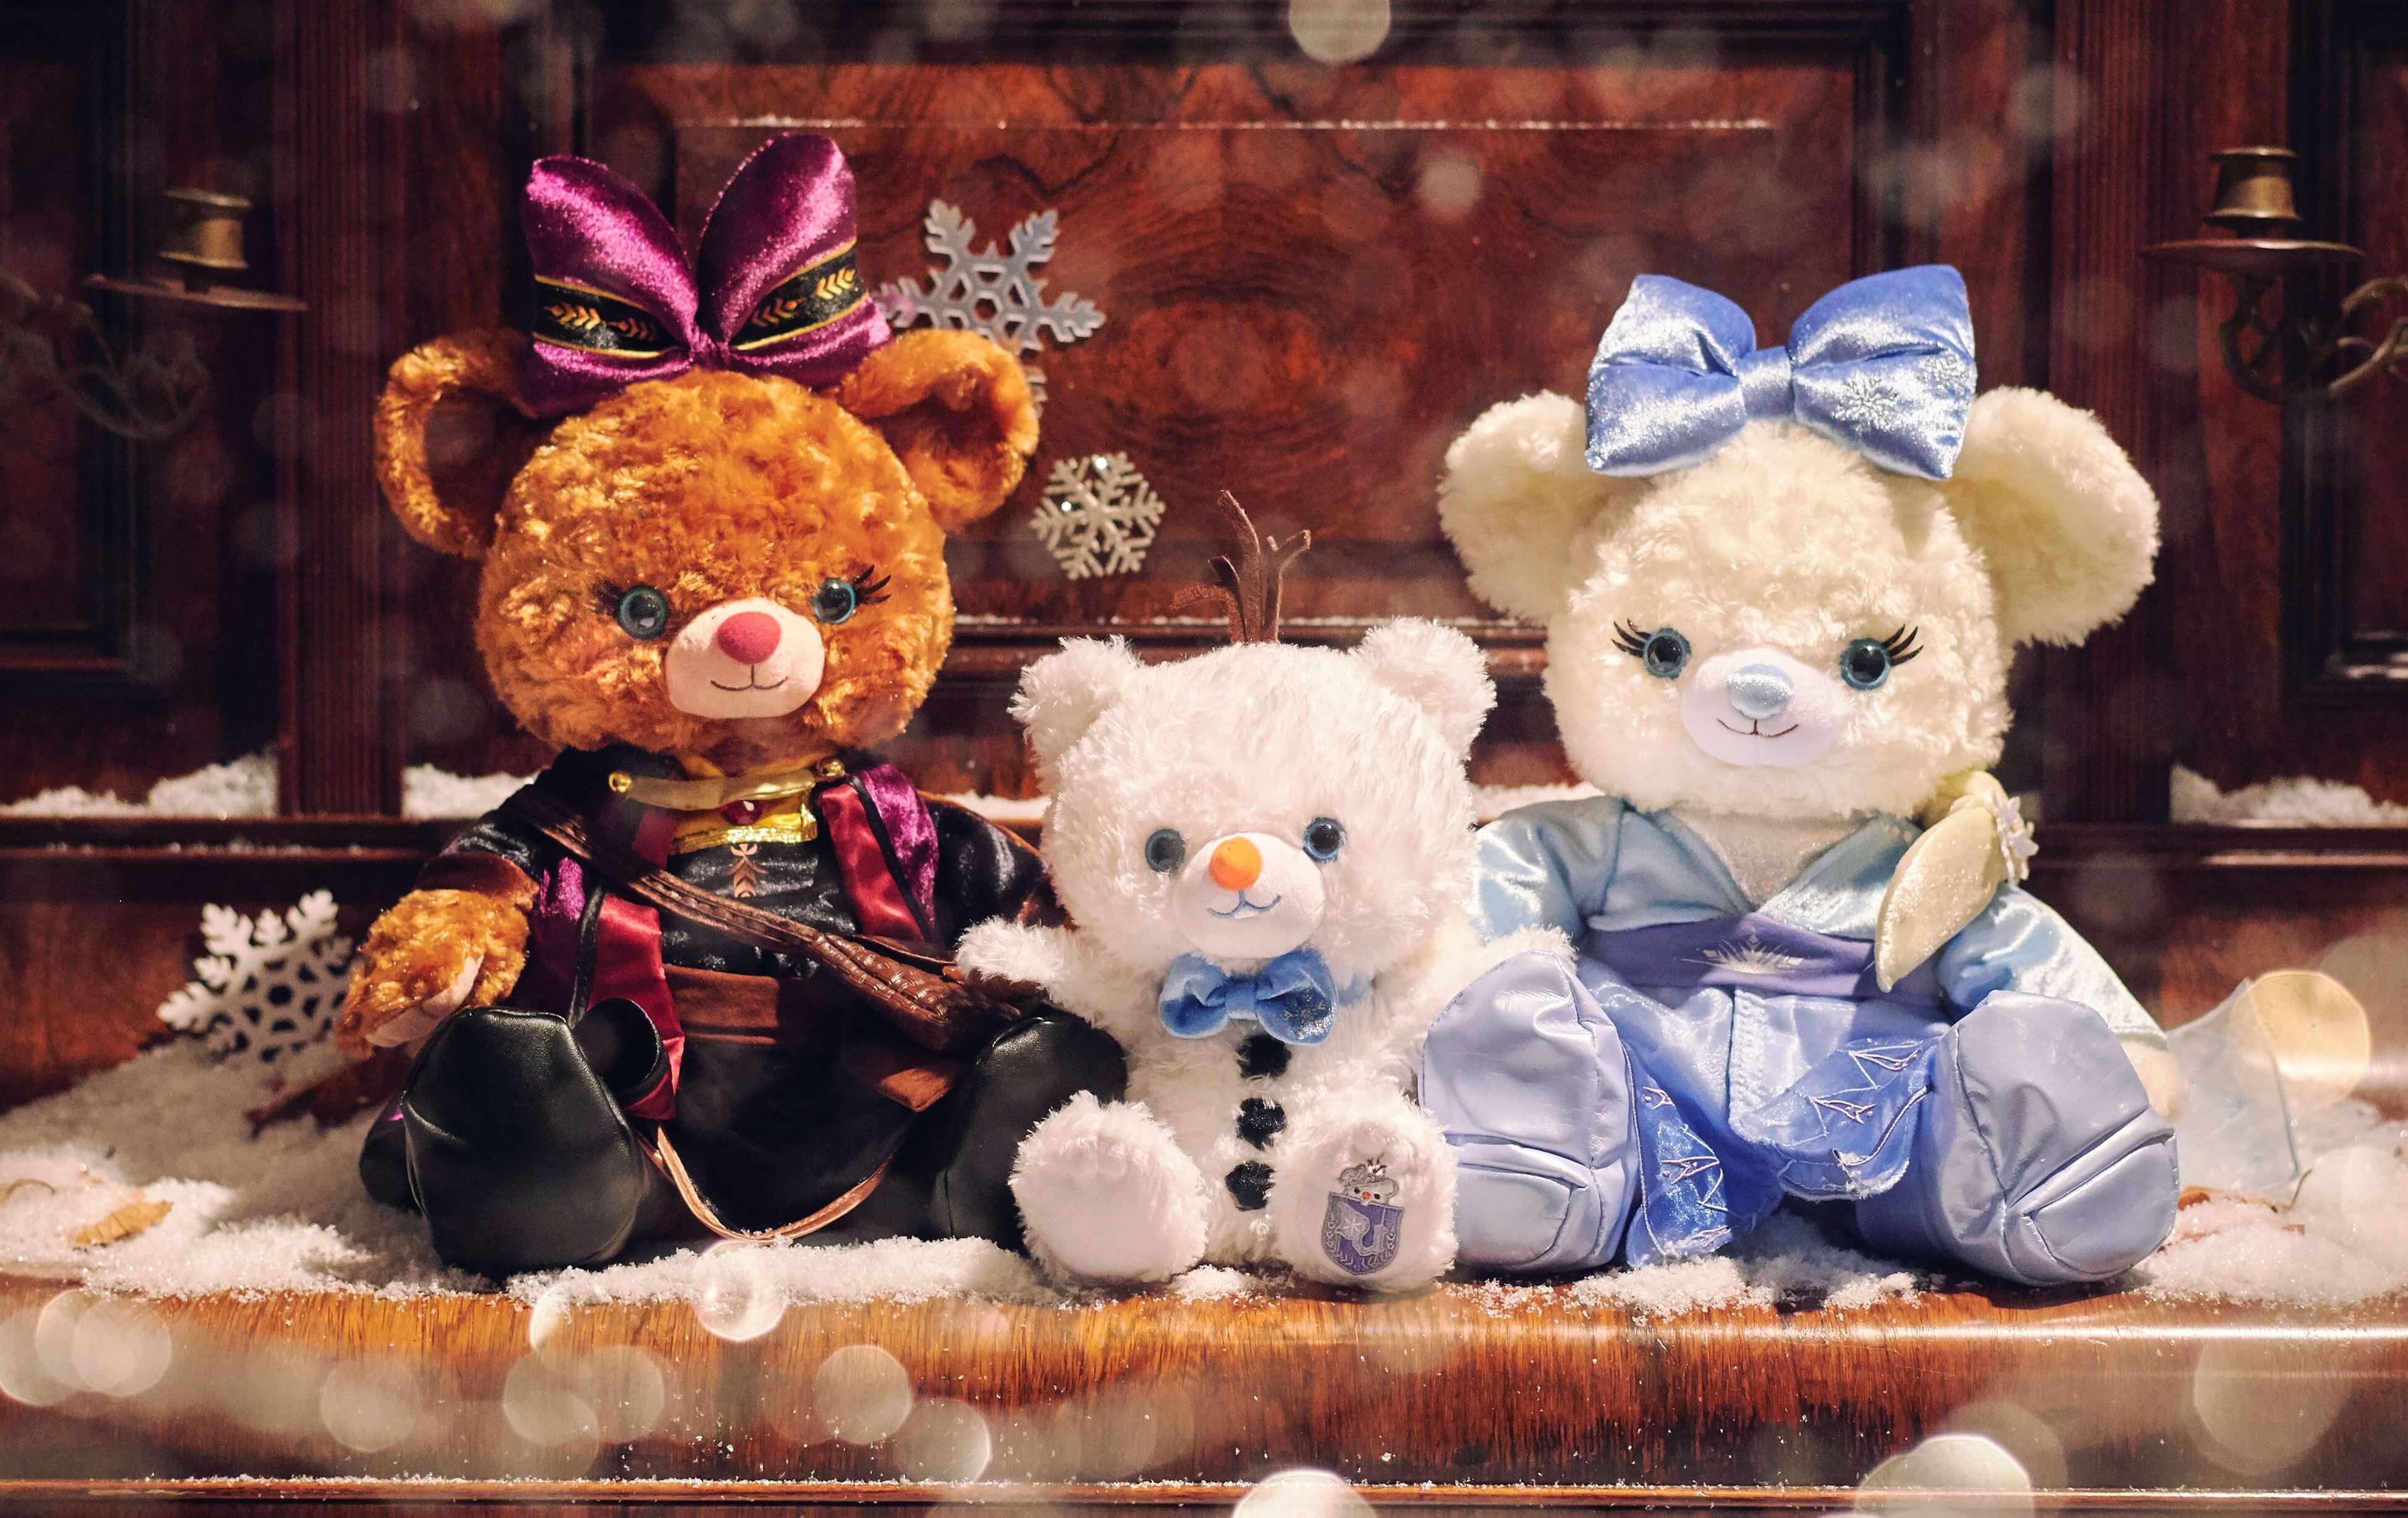 アナと雪の女王2 Frozen ディズニー Disney グッズ items ユニベアシティ